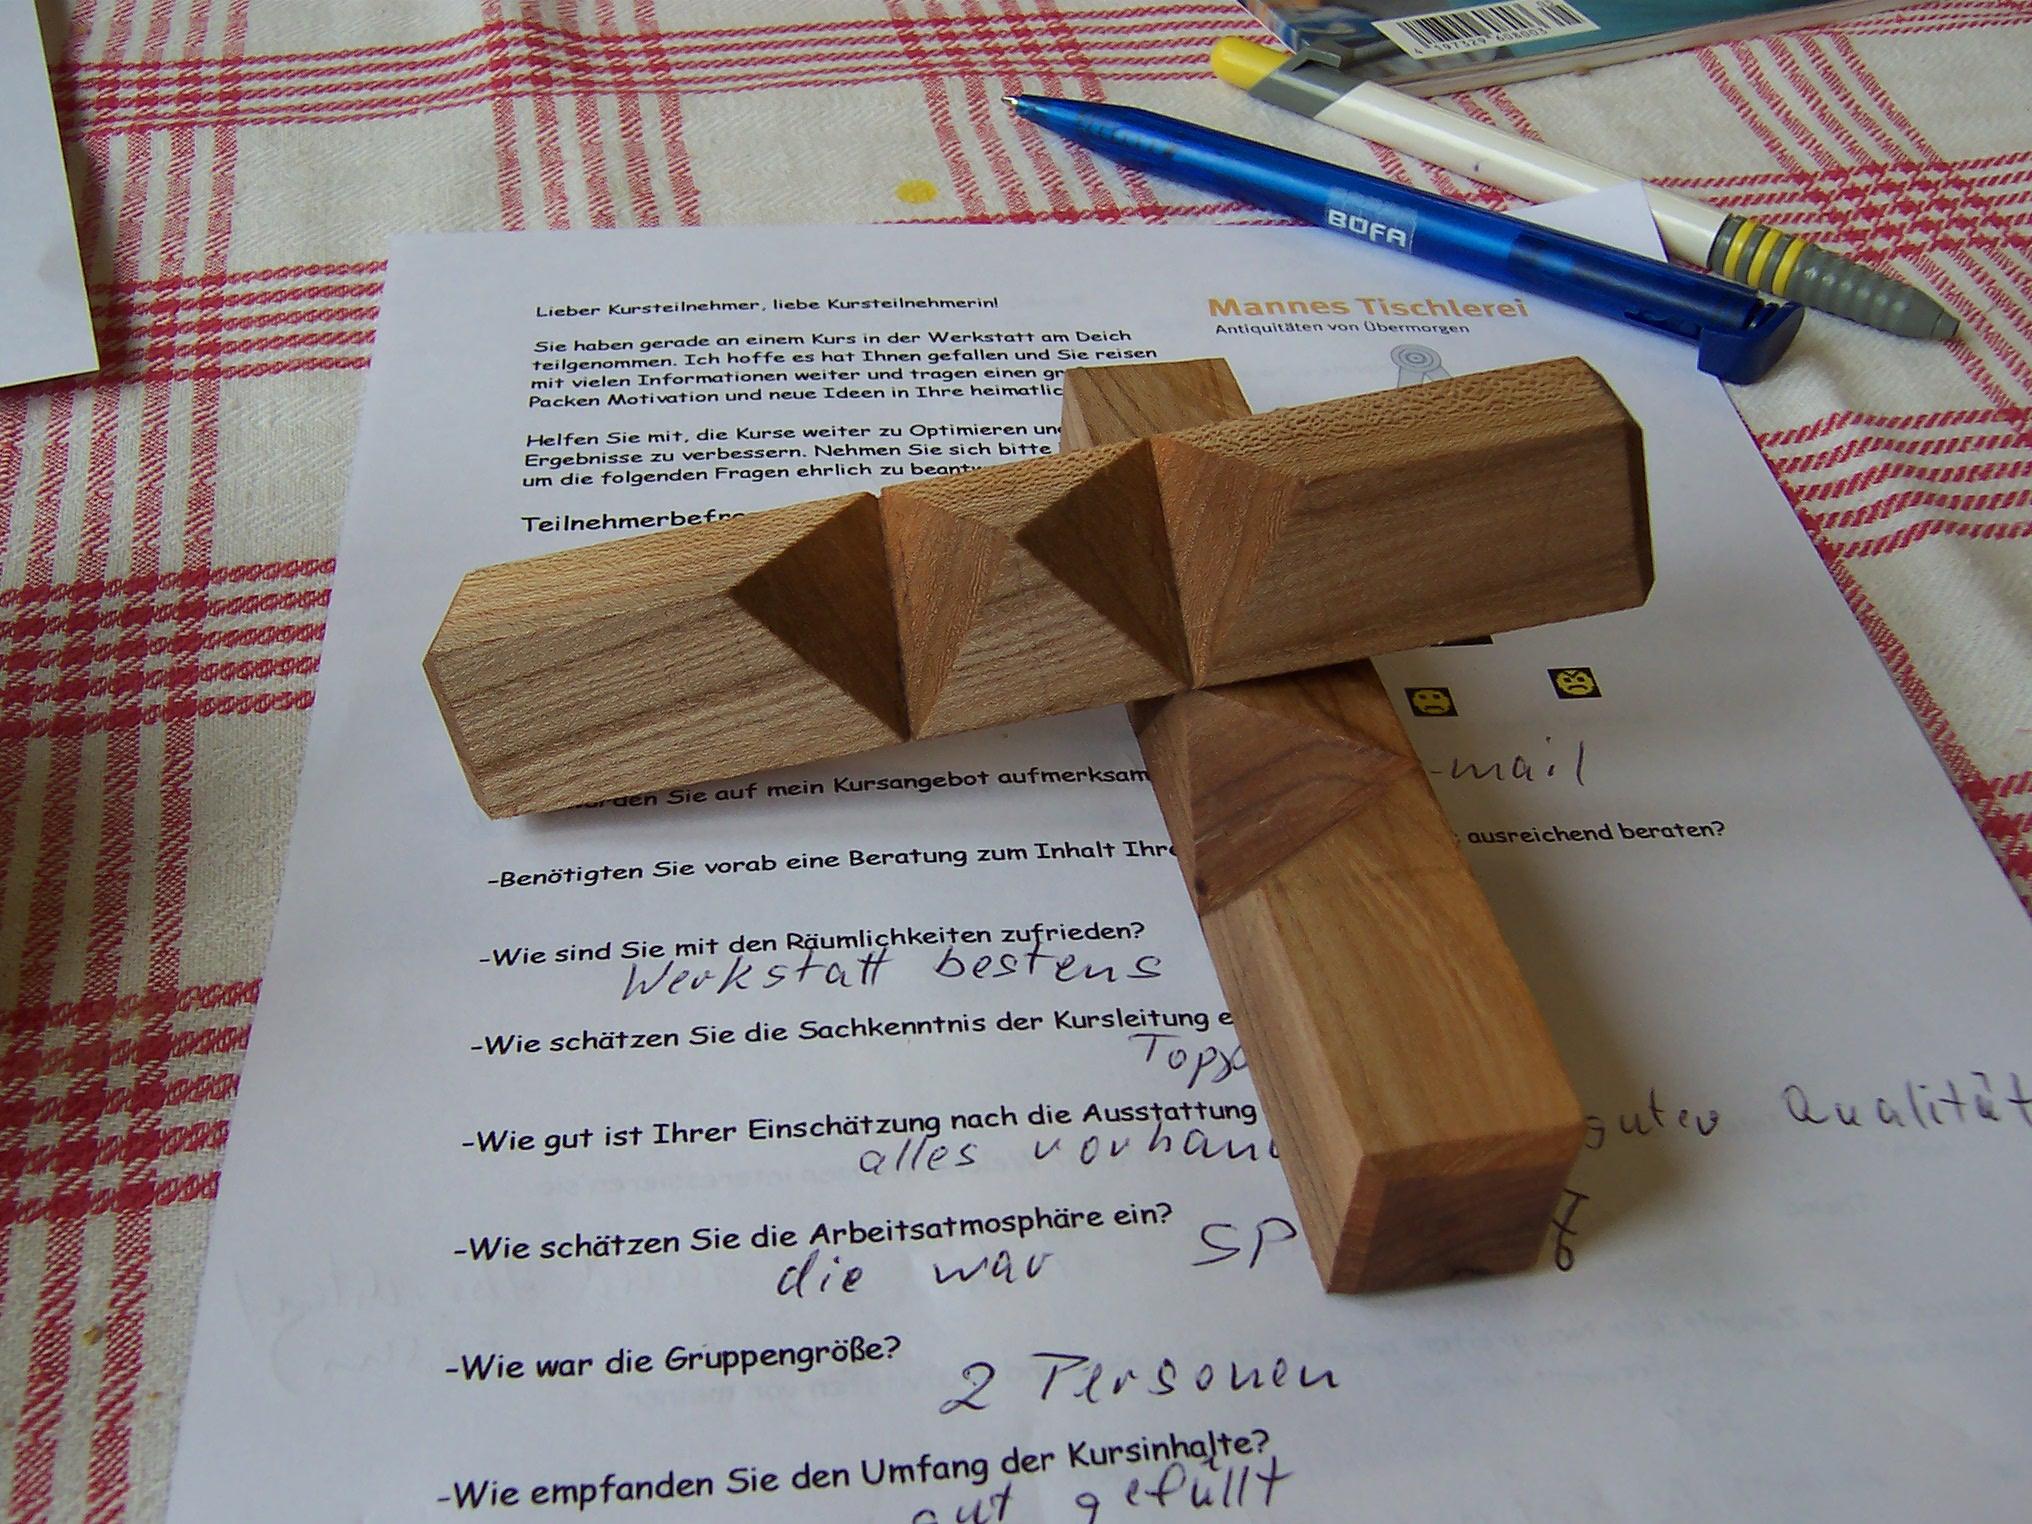 Kurswerkstatt Fur Gute Holzbearbeitung Was Wir Machen Und Wo Wir Sind